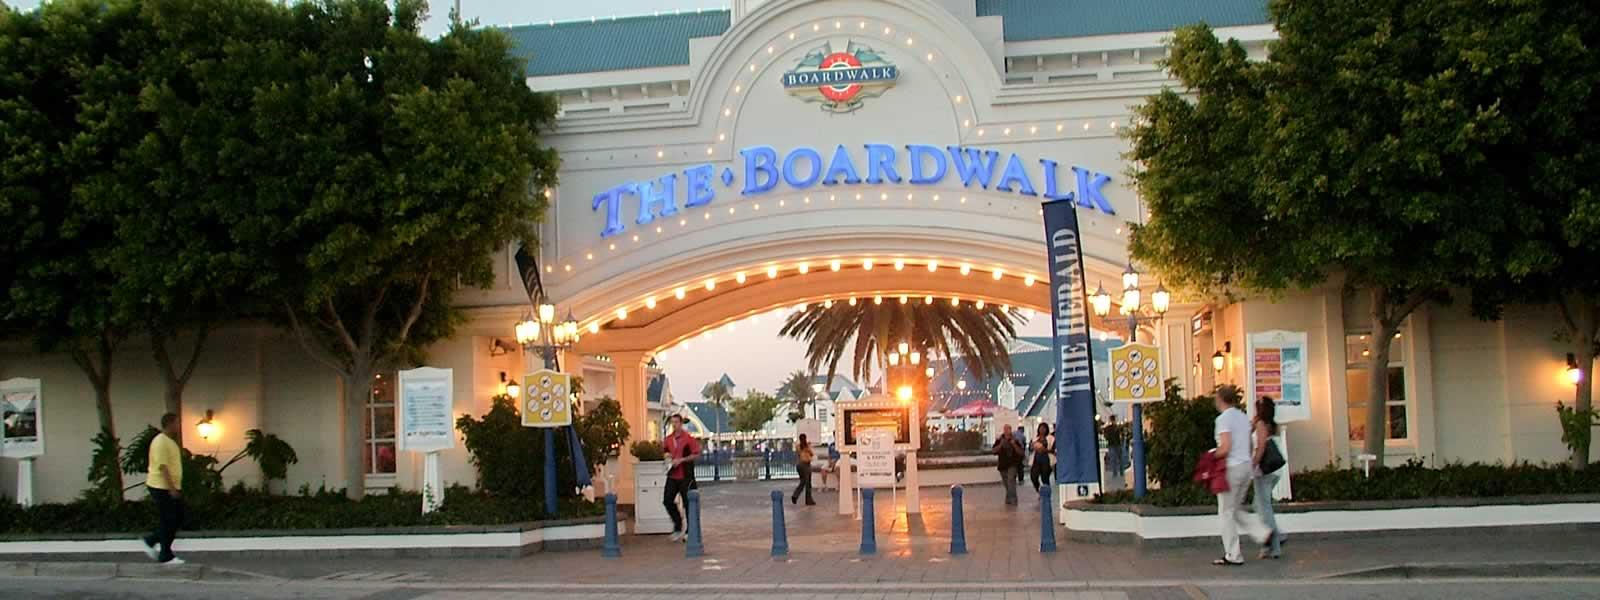 Boardwalk Casino & Hotel